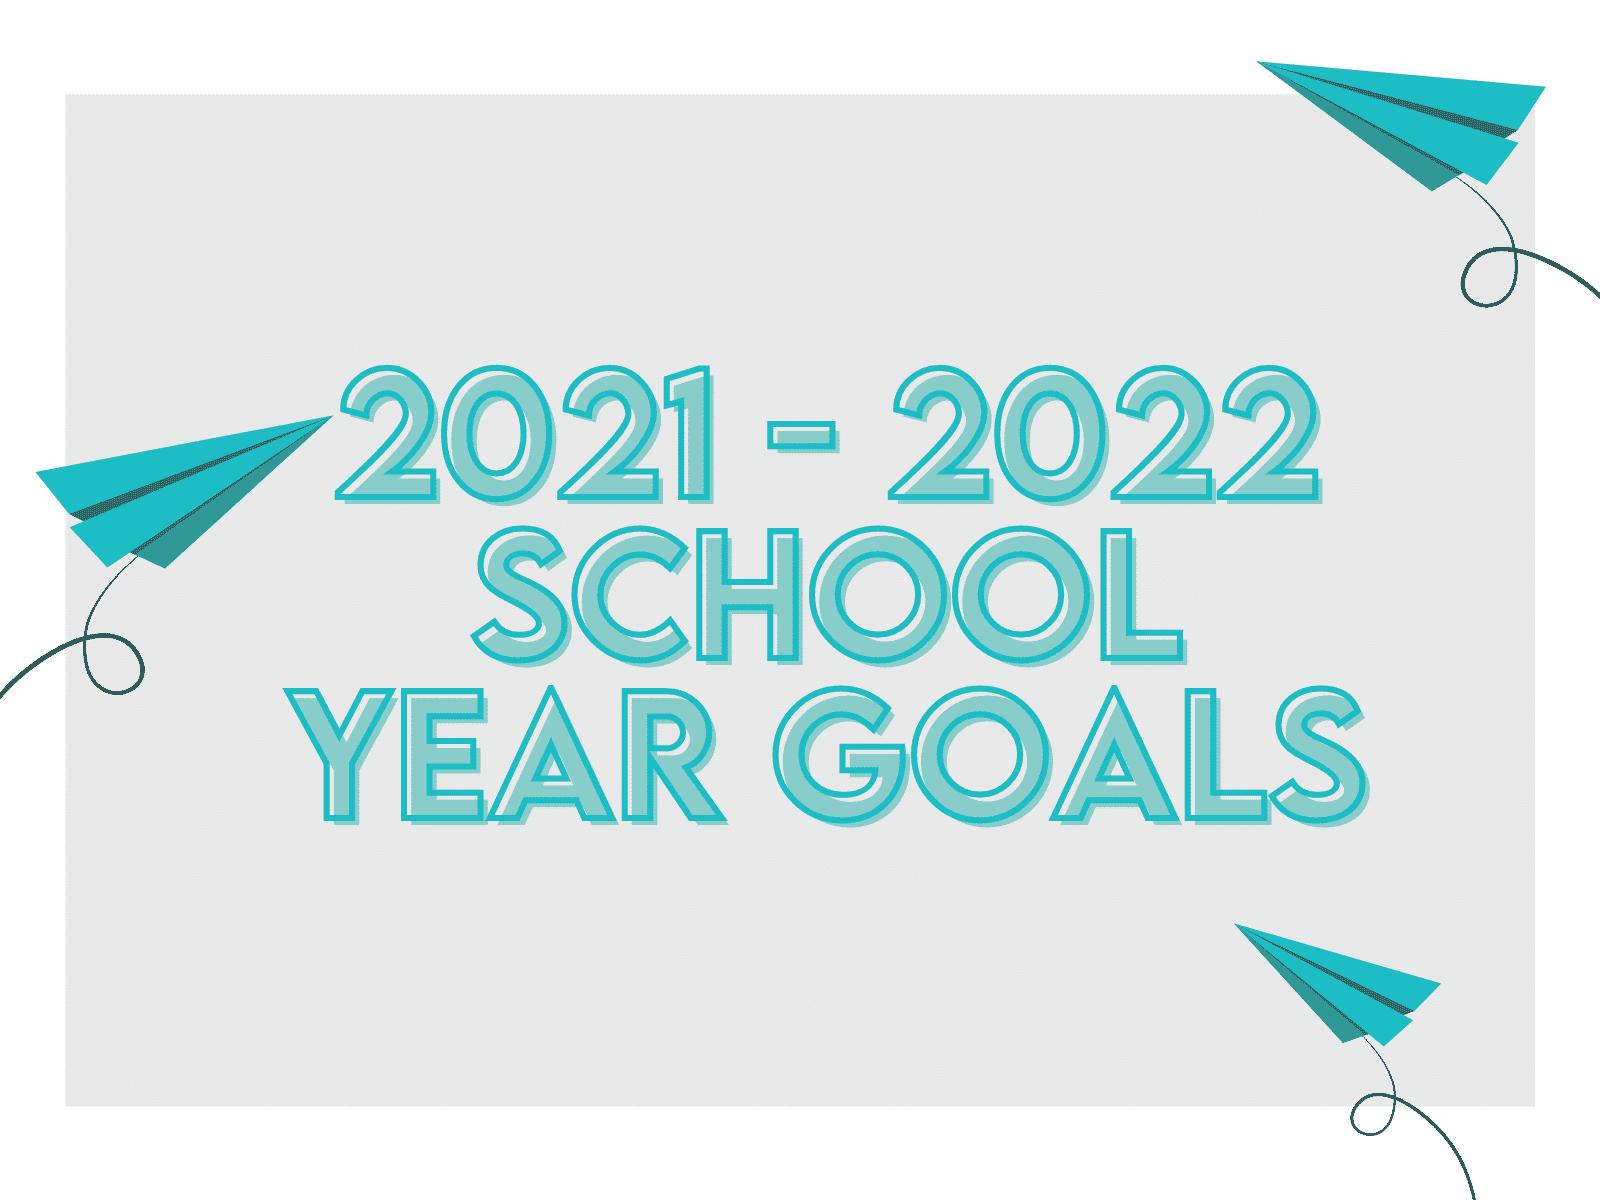 2021-2022 school year goal planner for teachers.